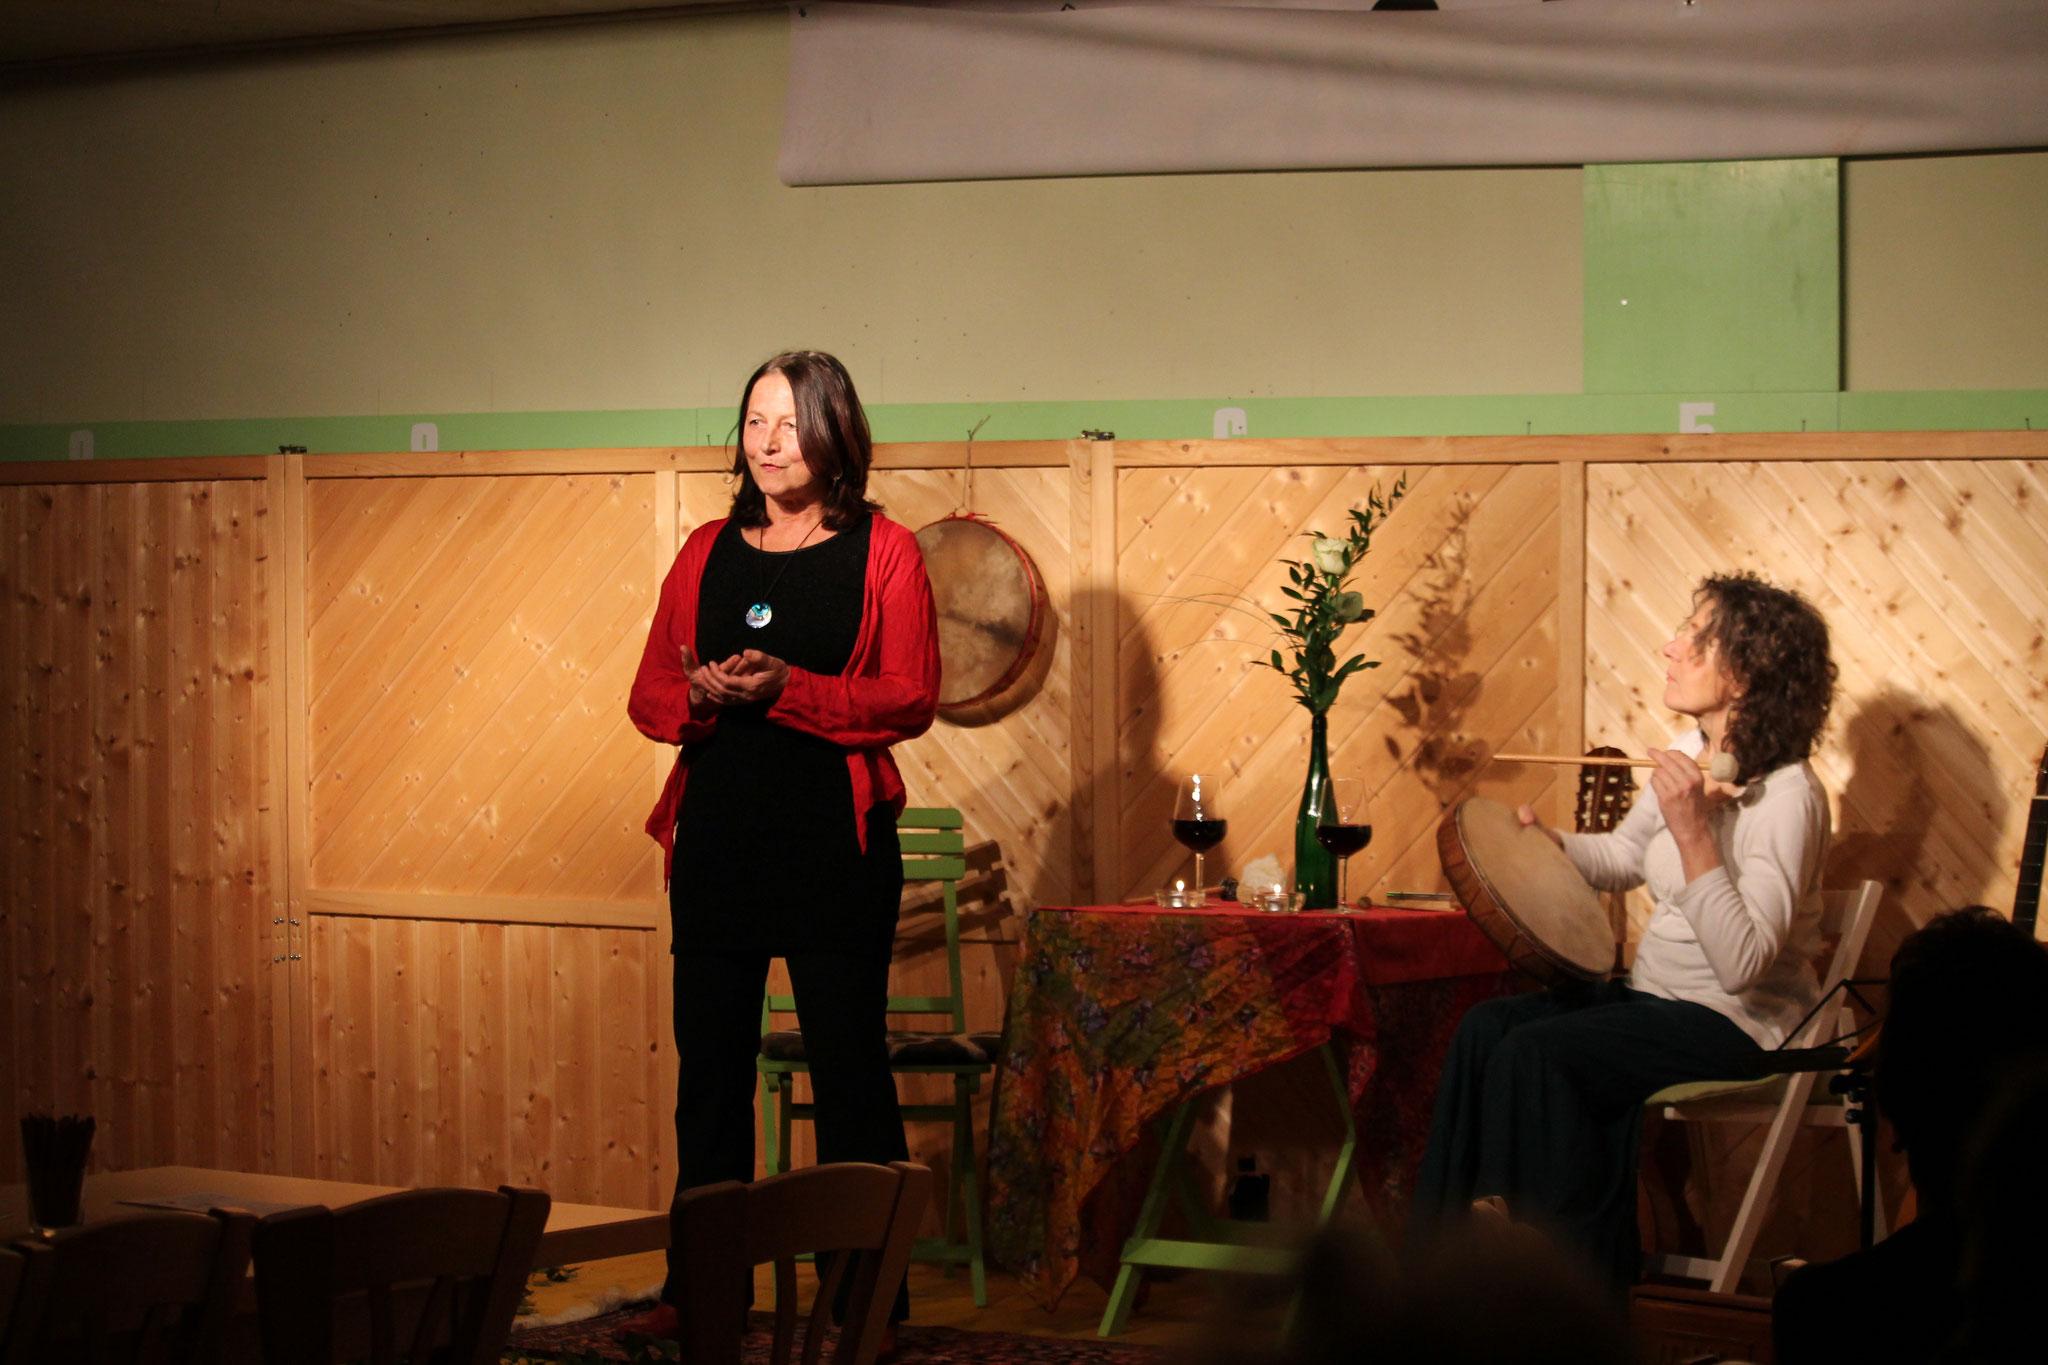 11.02.2017 Märchen und Musik in Daßwang mit der Märchenerzählerin Petra Hasengier